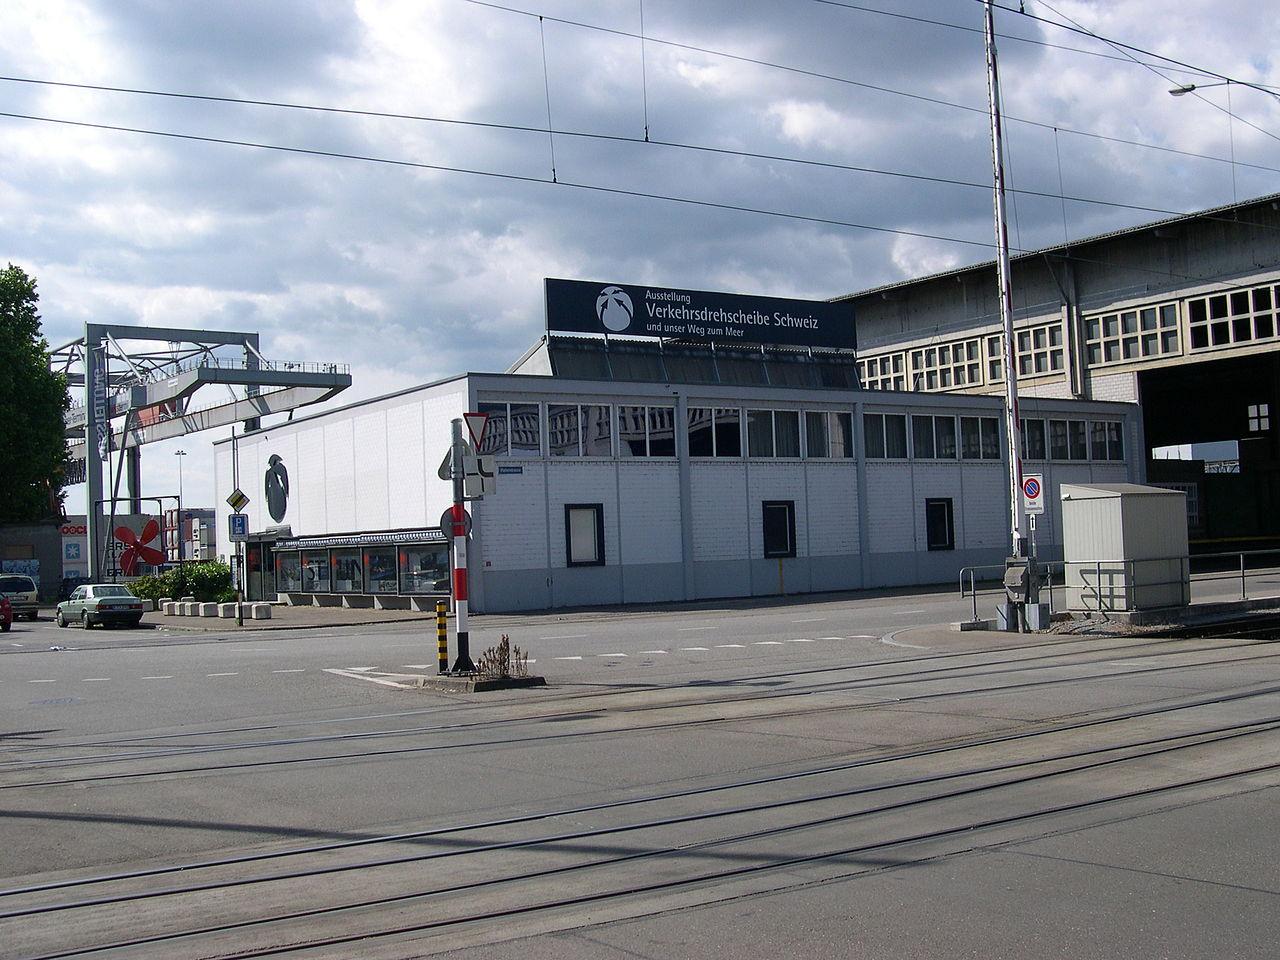 Bild Verkehrsdrehscheibe Schweiz Basel